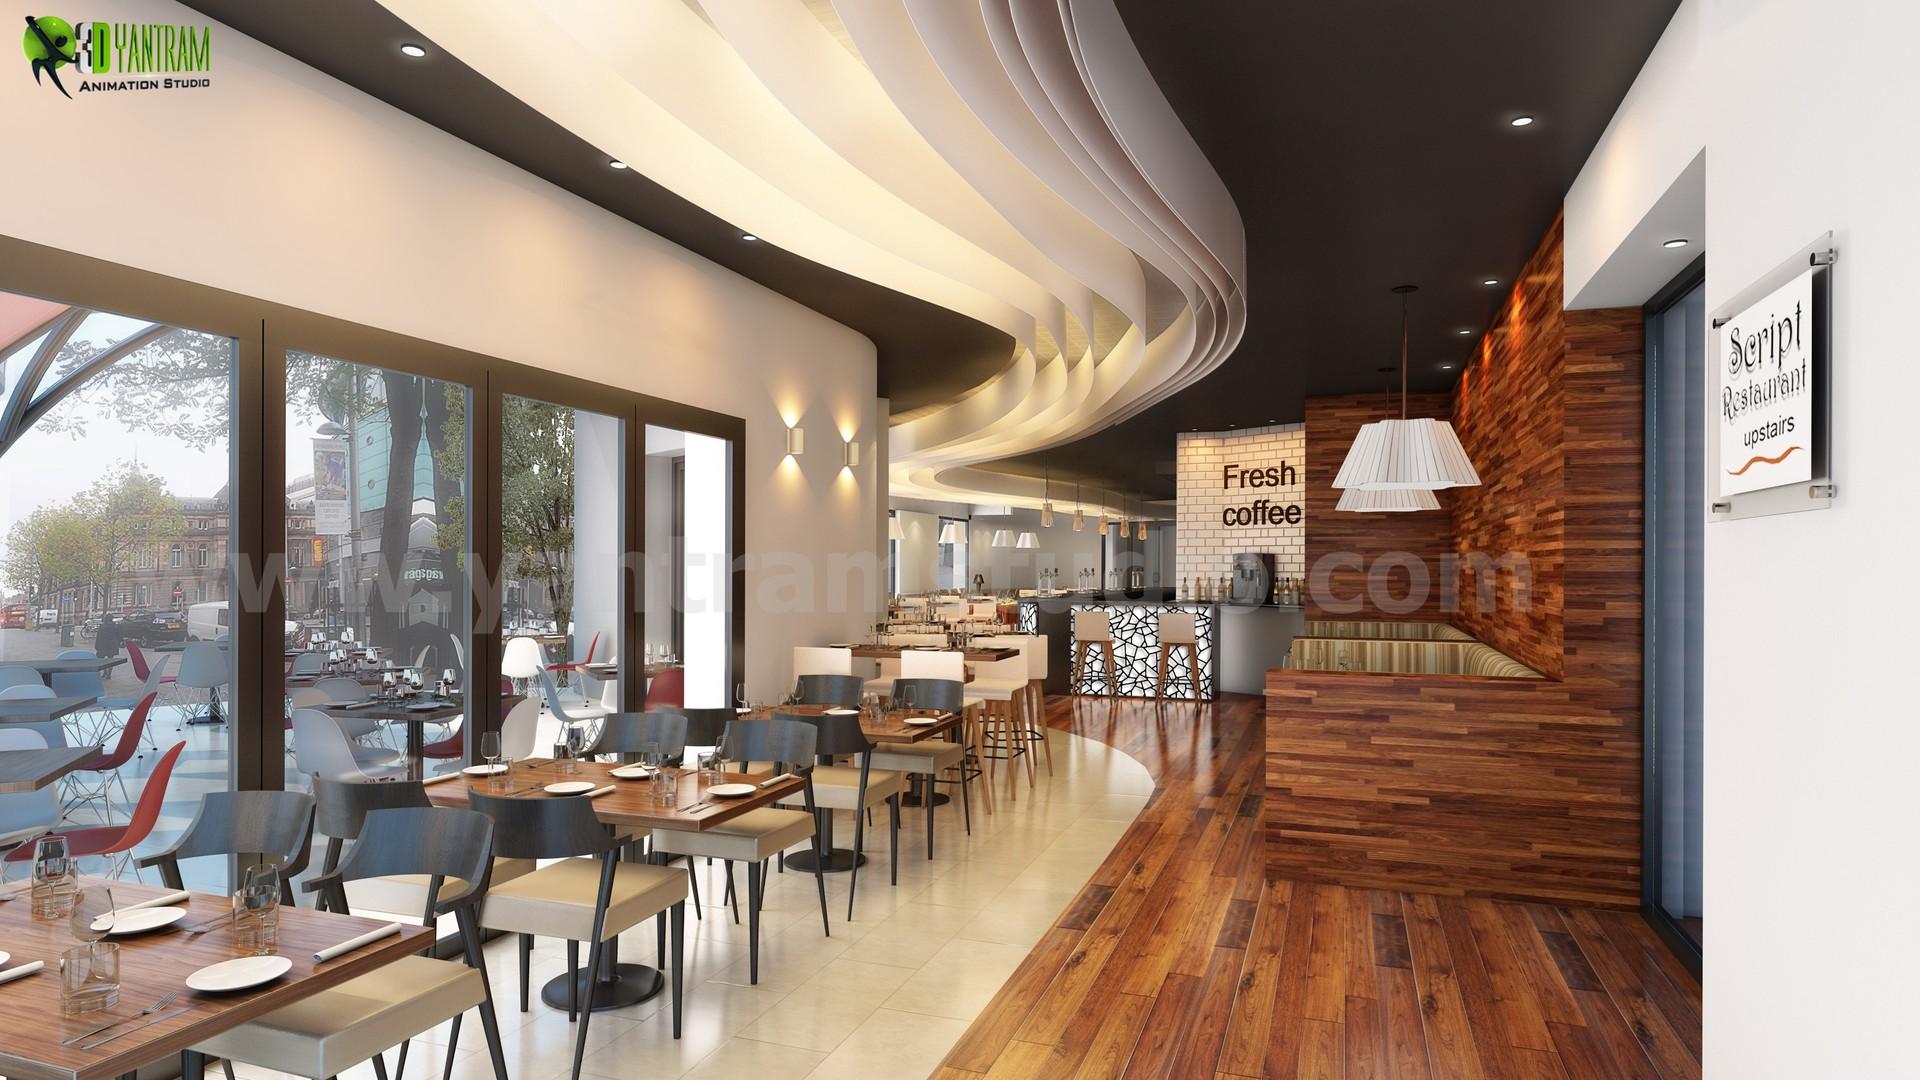 Yantram Architectural Design Studio Commercial Unique Bar Interior Rendering Design Cgi Melbourne Australia